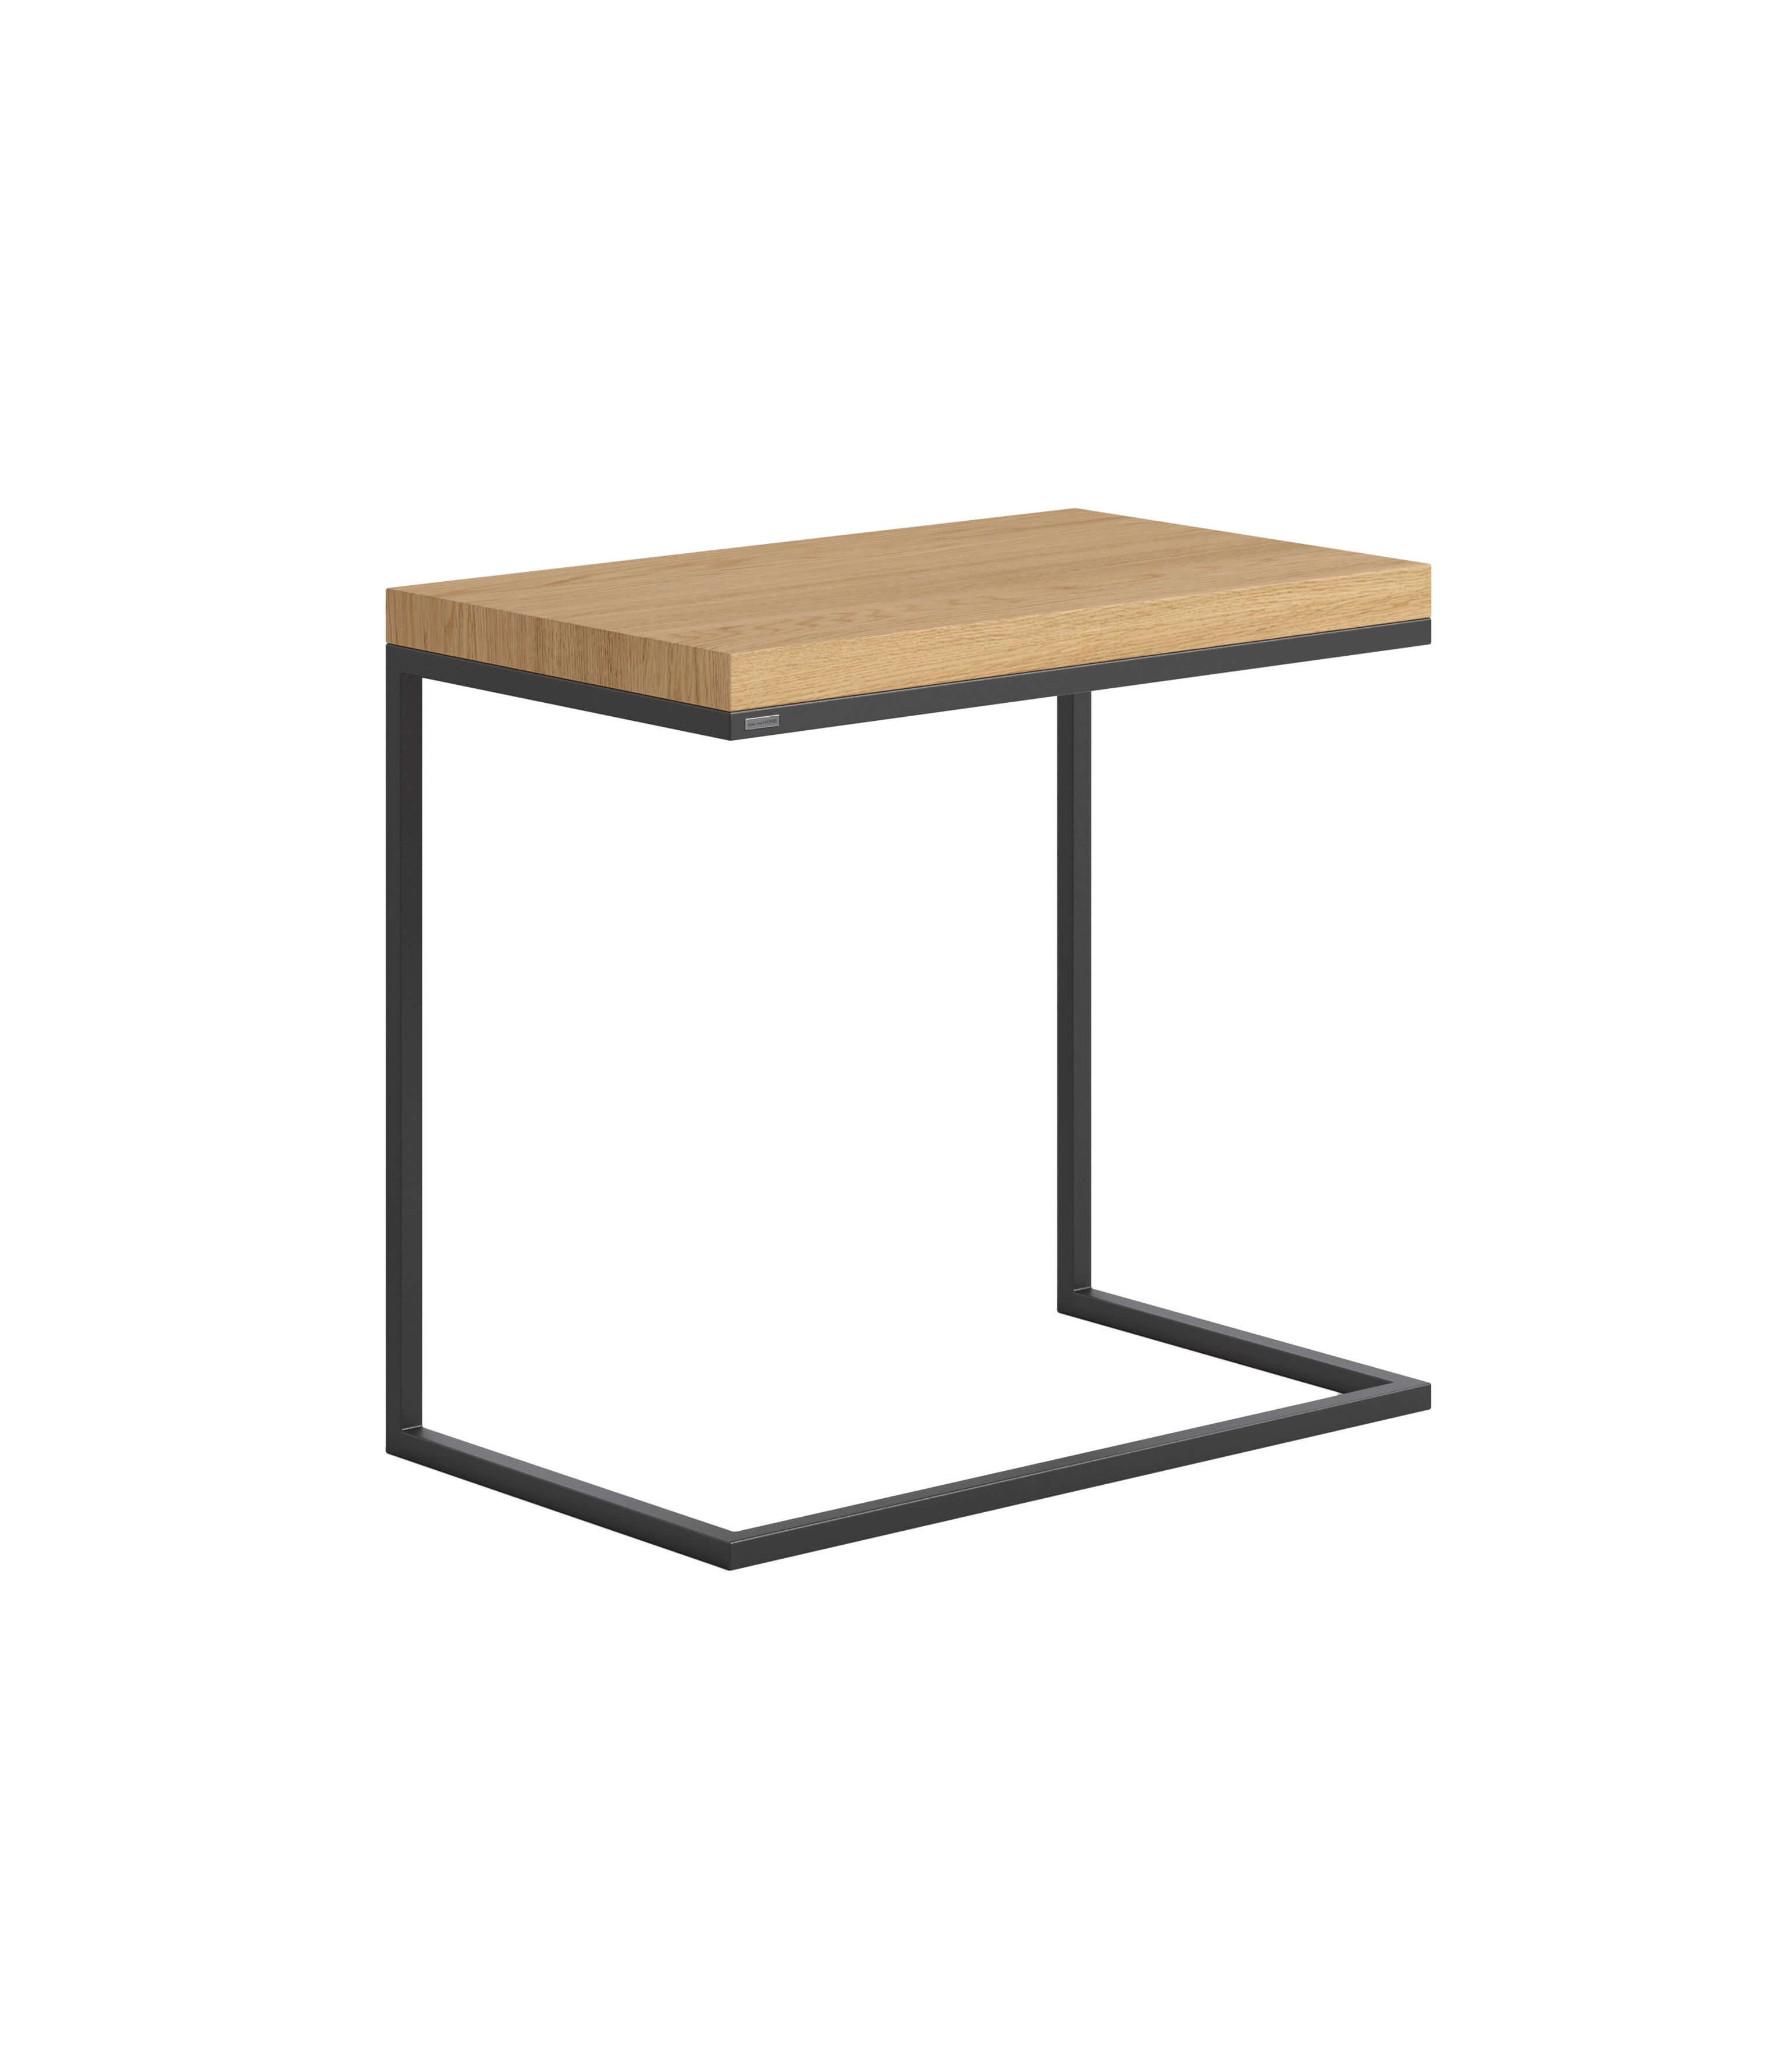 stolik pomocniczy czarny i dębowy